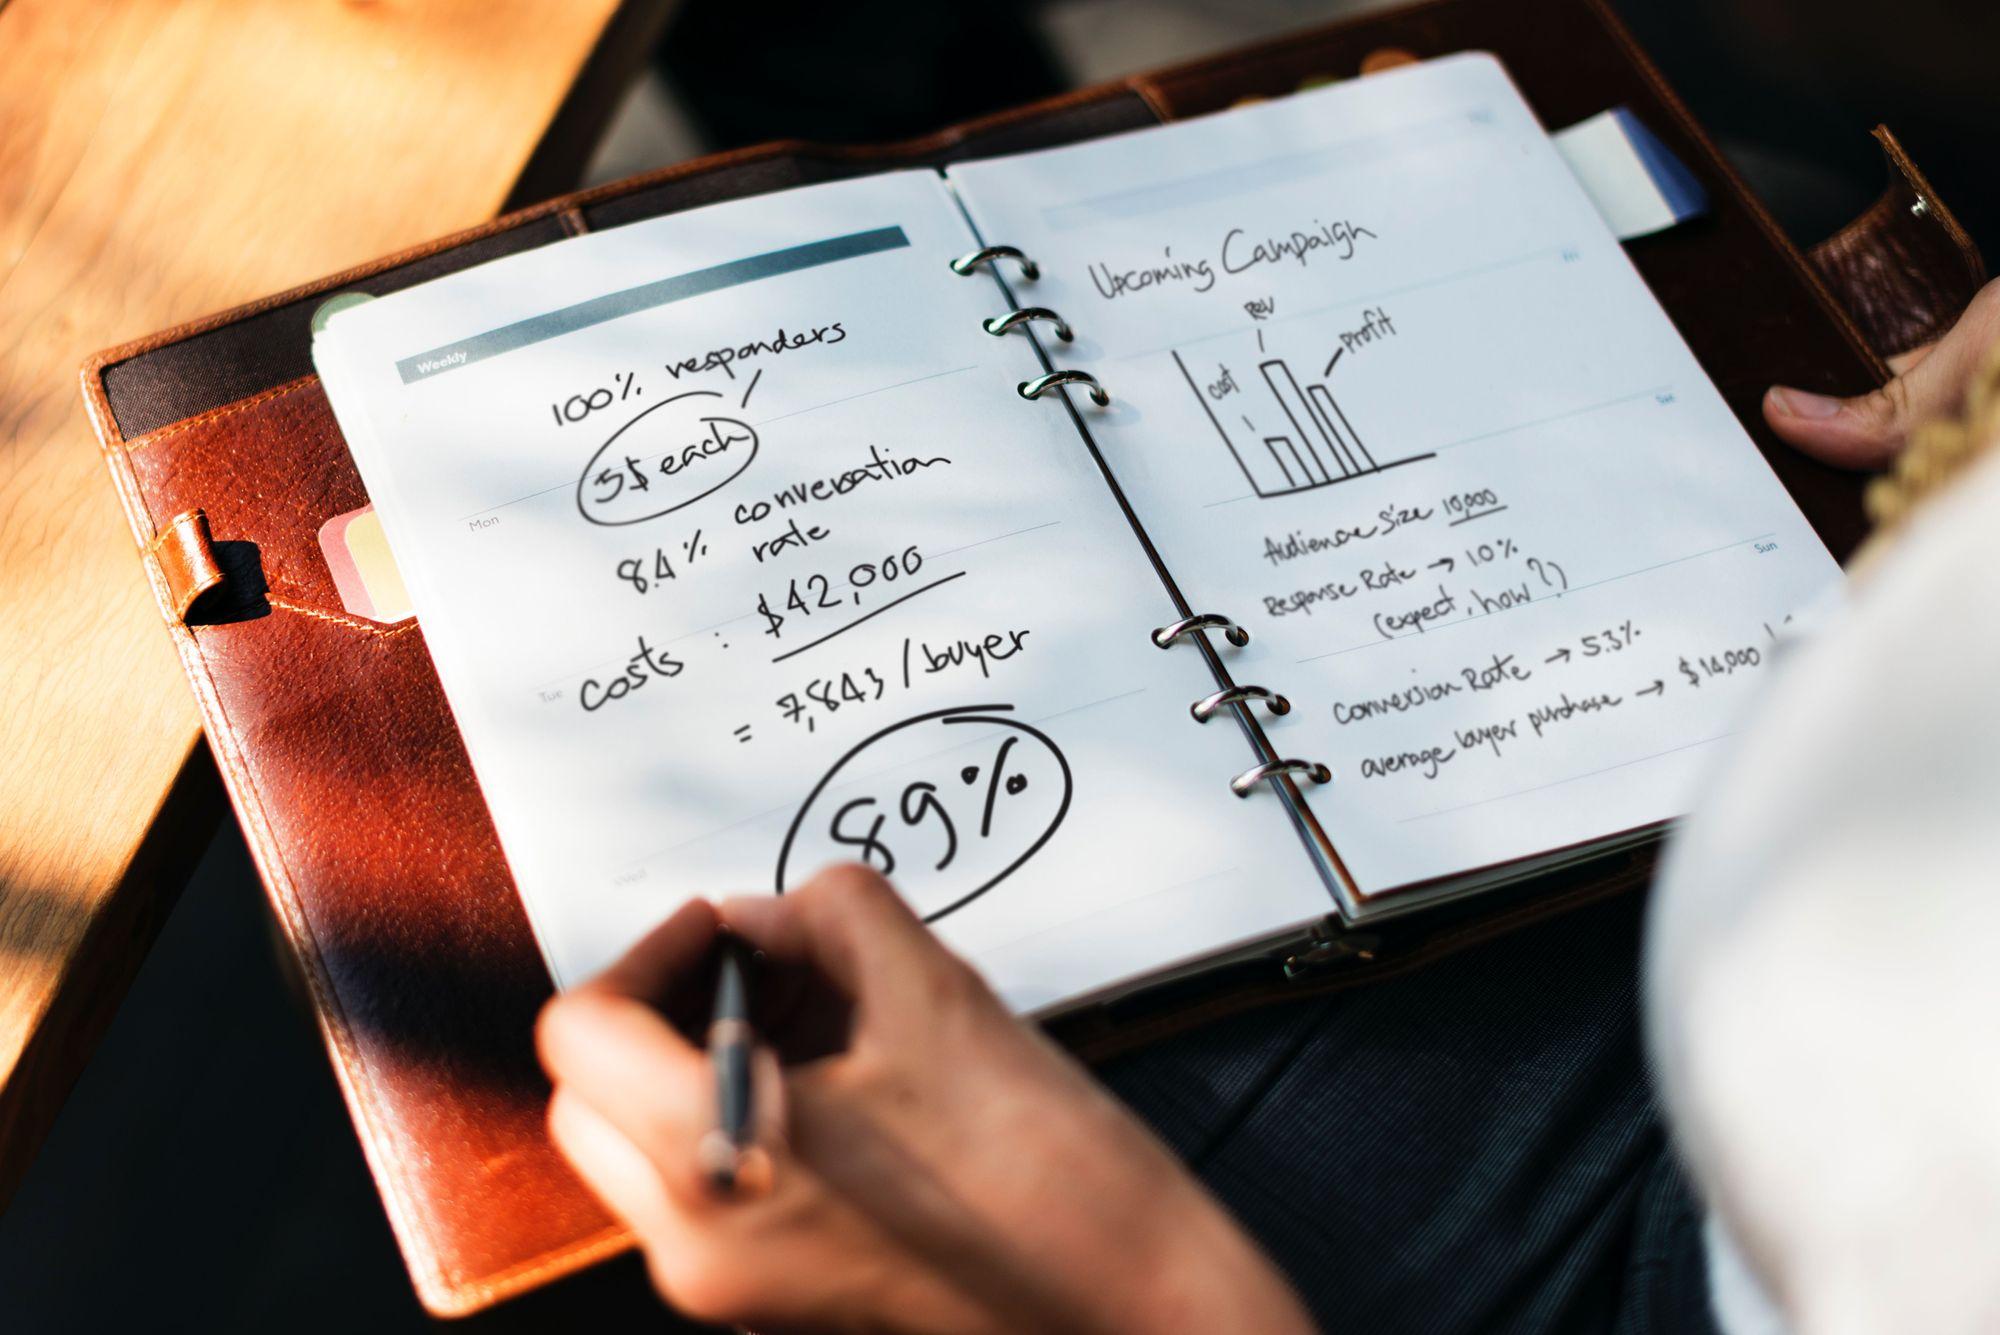 Bon Commercial : Bac +5 ou non - faut-il faire des études pour réussir dans la vente ?